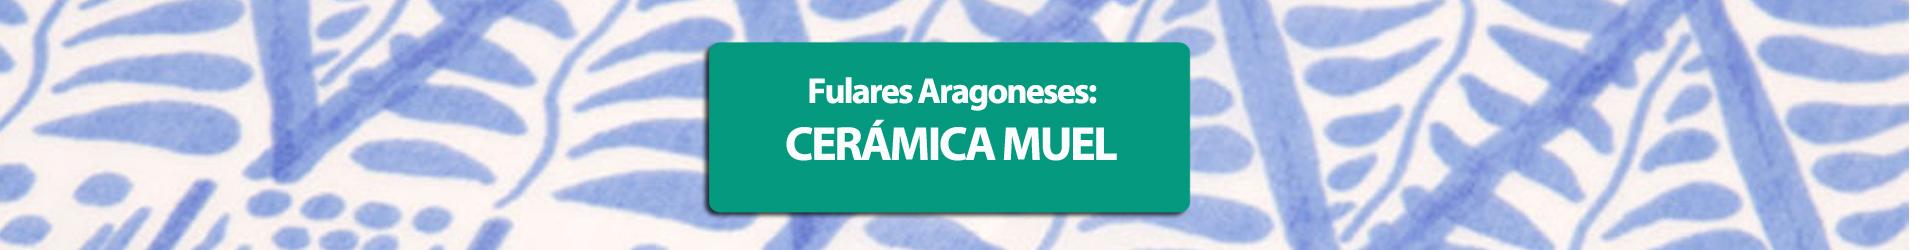 Regala el fular aragonés CERÁMICA de MUEL en Tienda Heraldo de Aragón